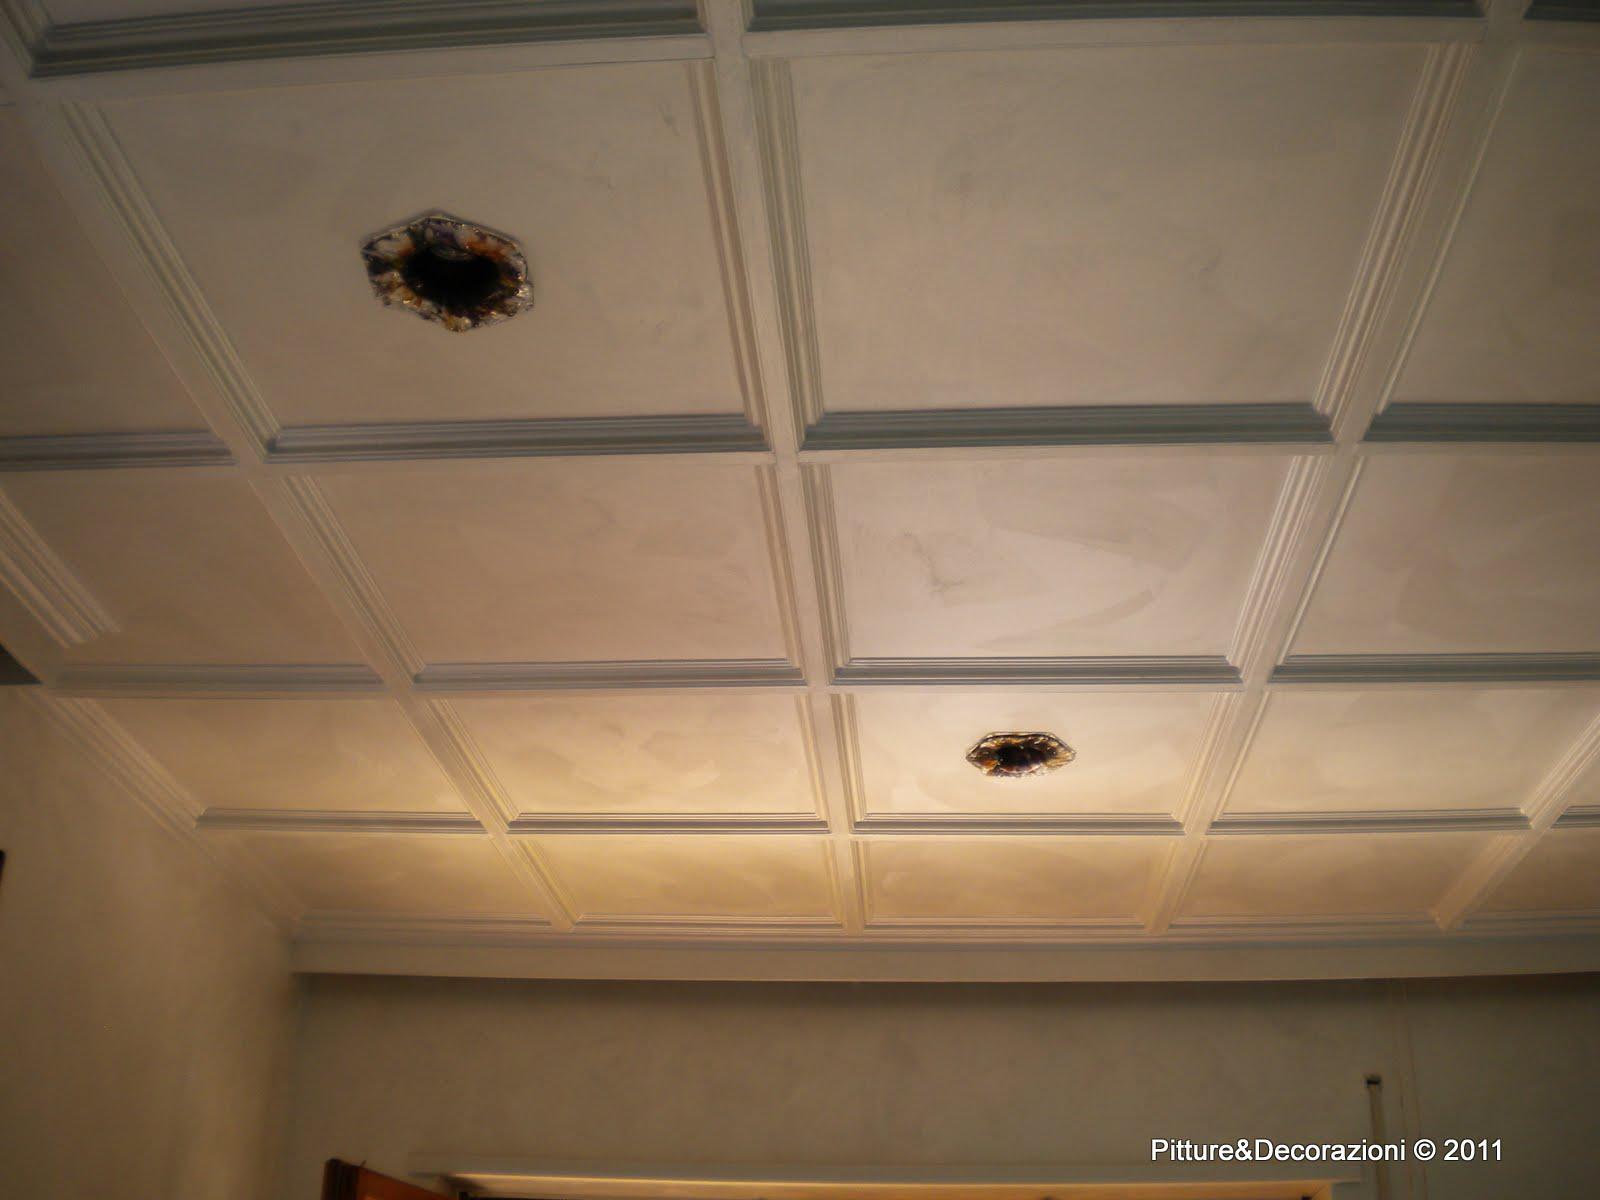 Pitture&decorazioni: luglio 2011